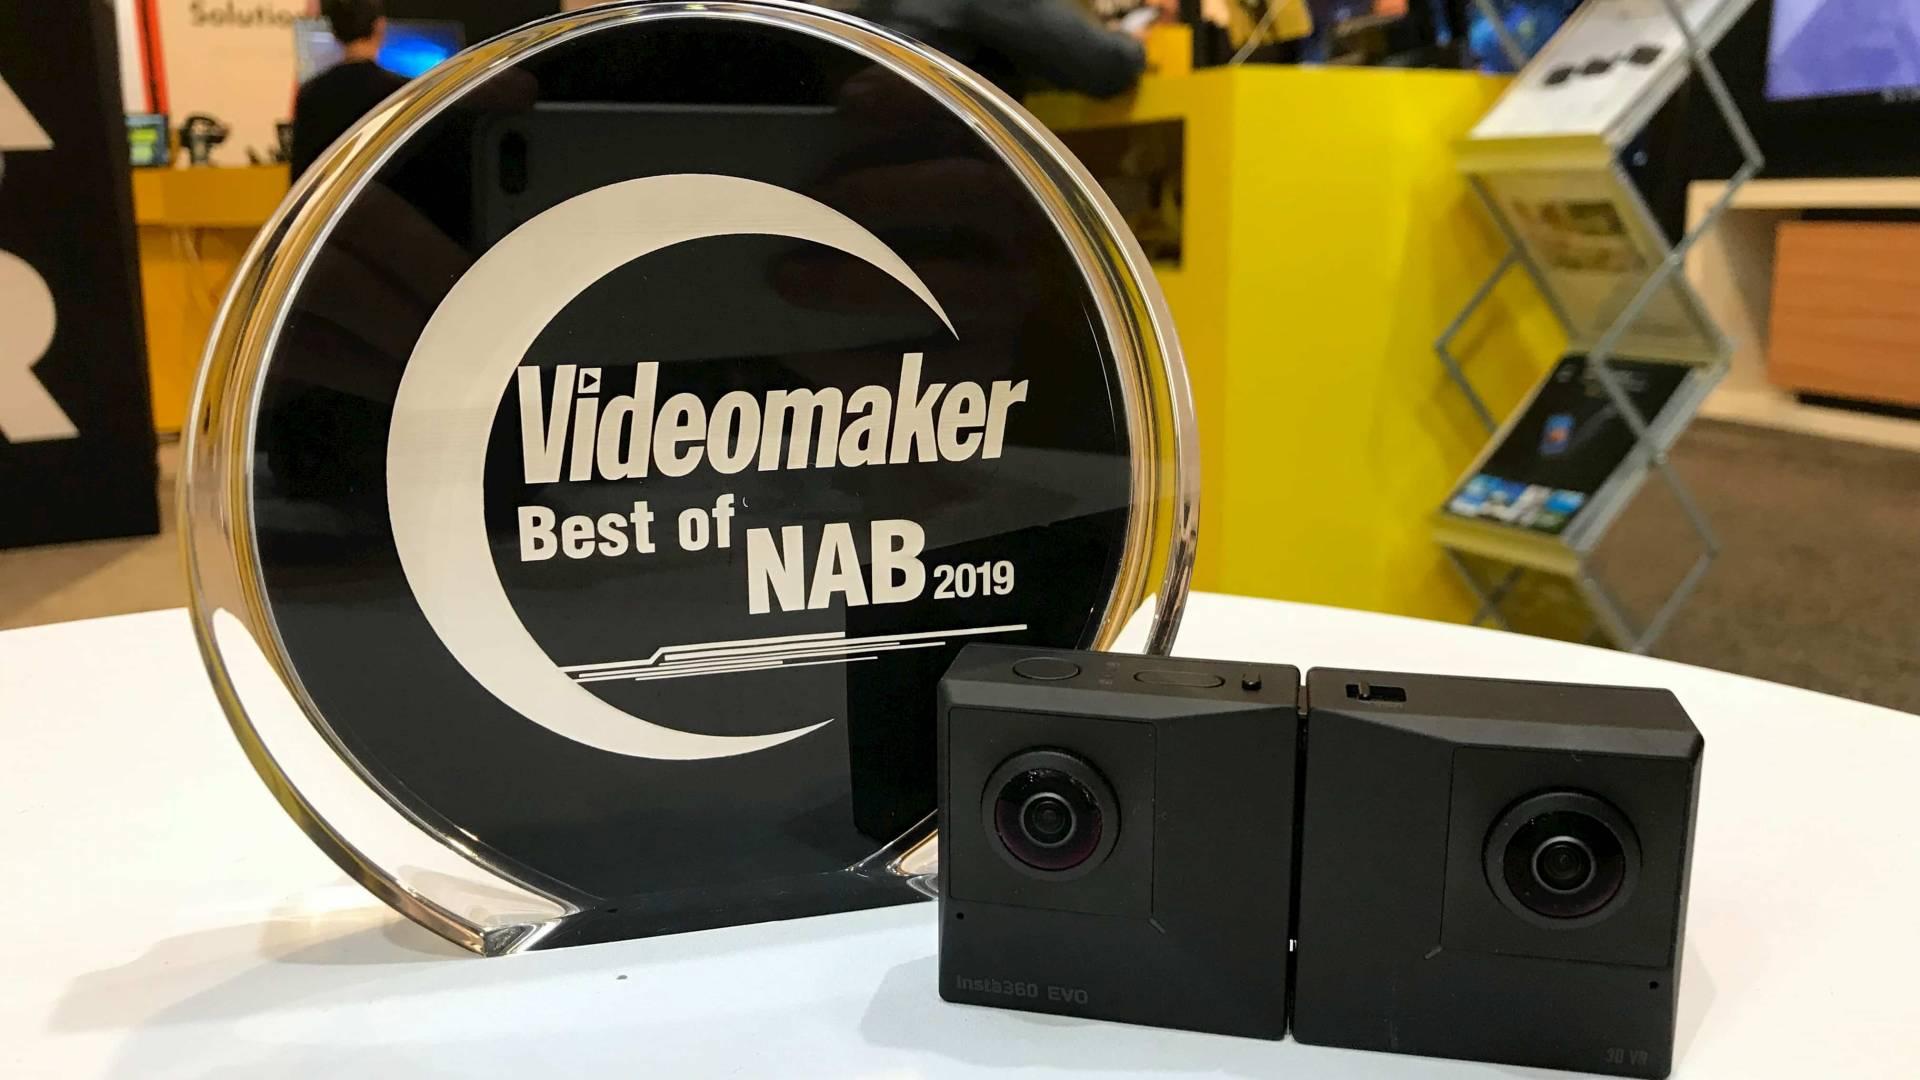 Insta360 EVO with Best of NAB 2019 award